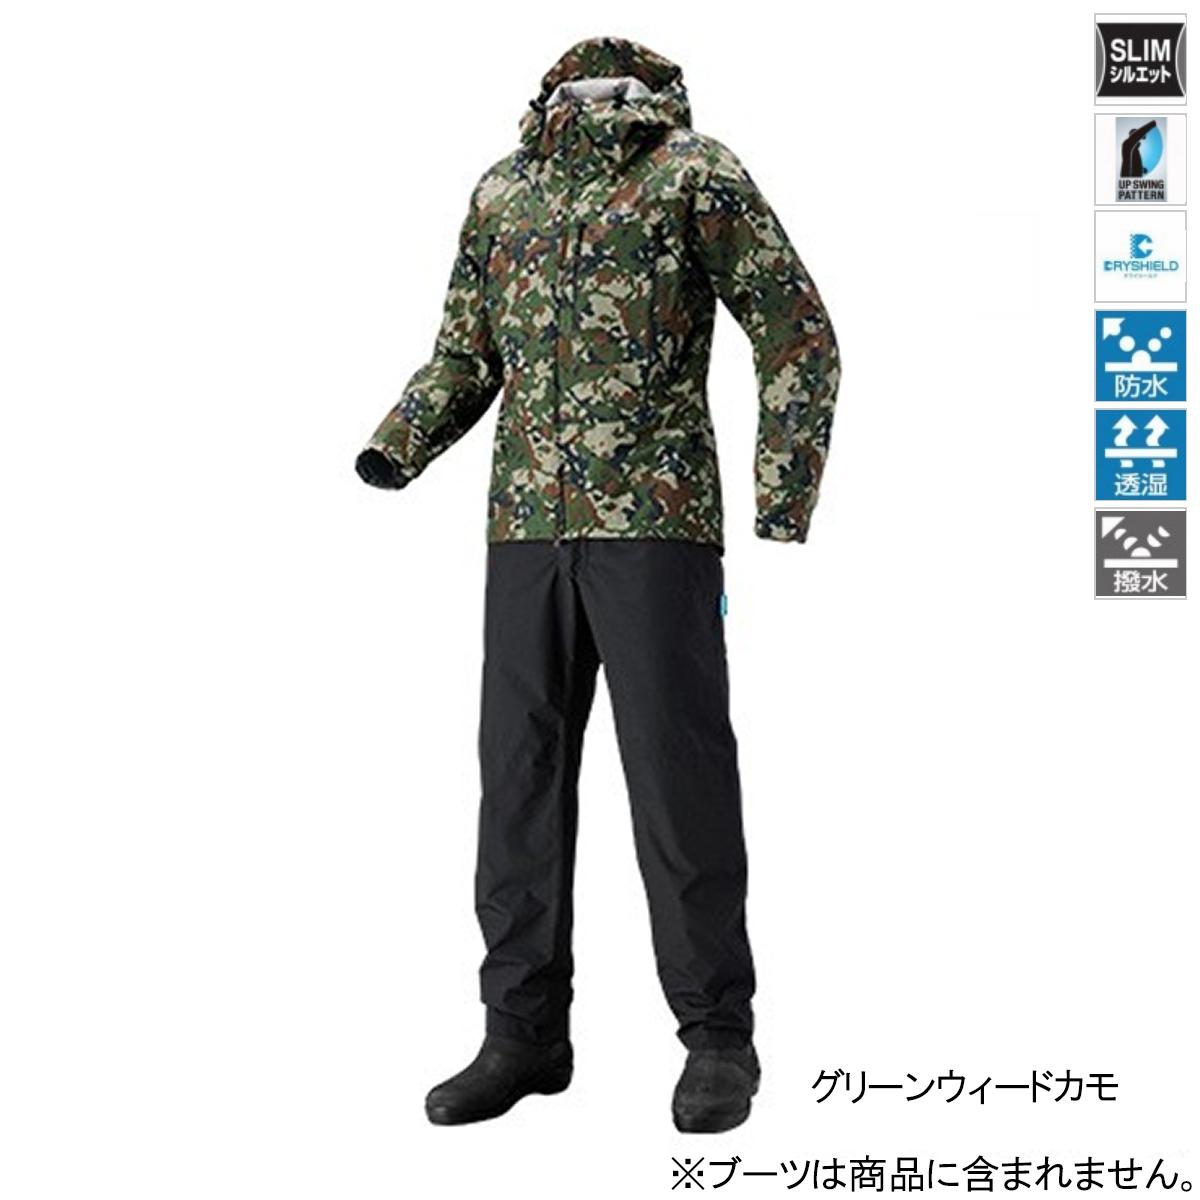 シマノ DSエクスプローラースーツ RA-024S XL グリーンウィードカモ(東日本店)